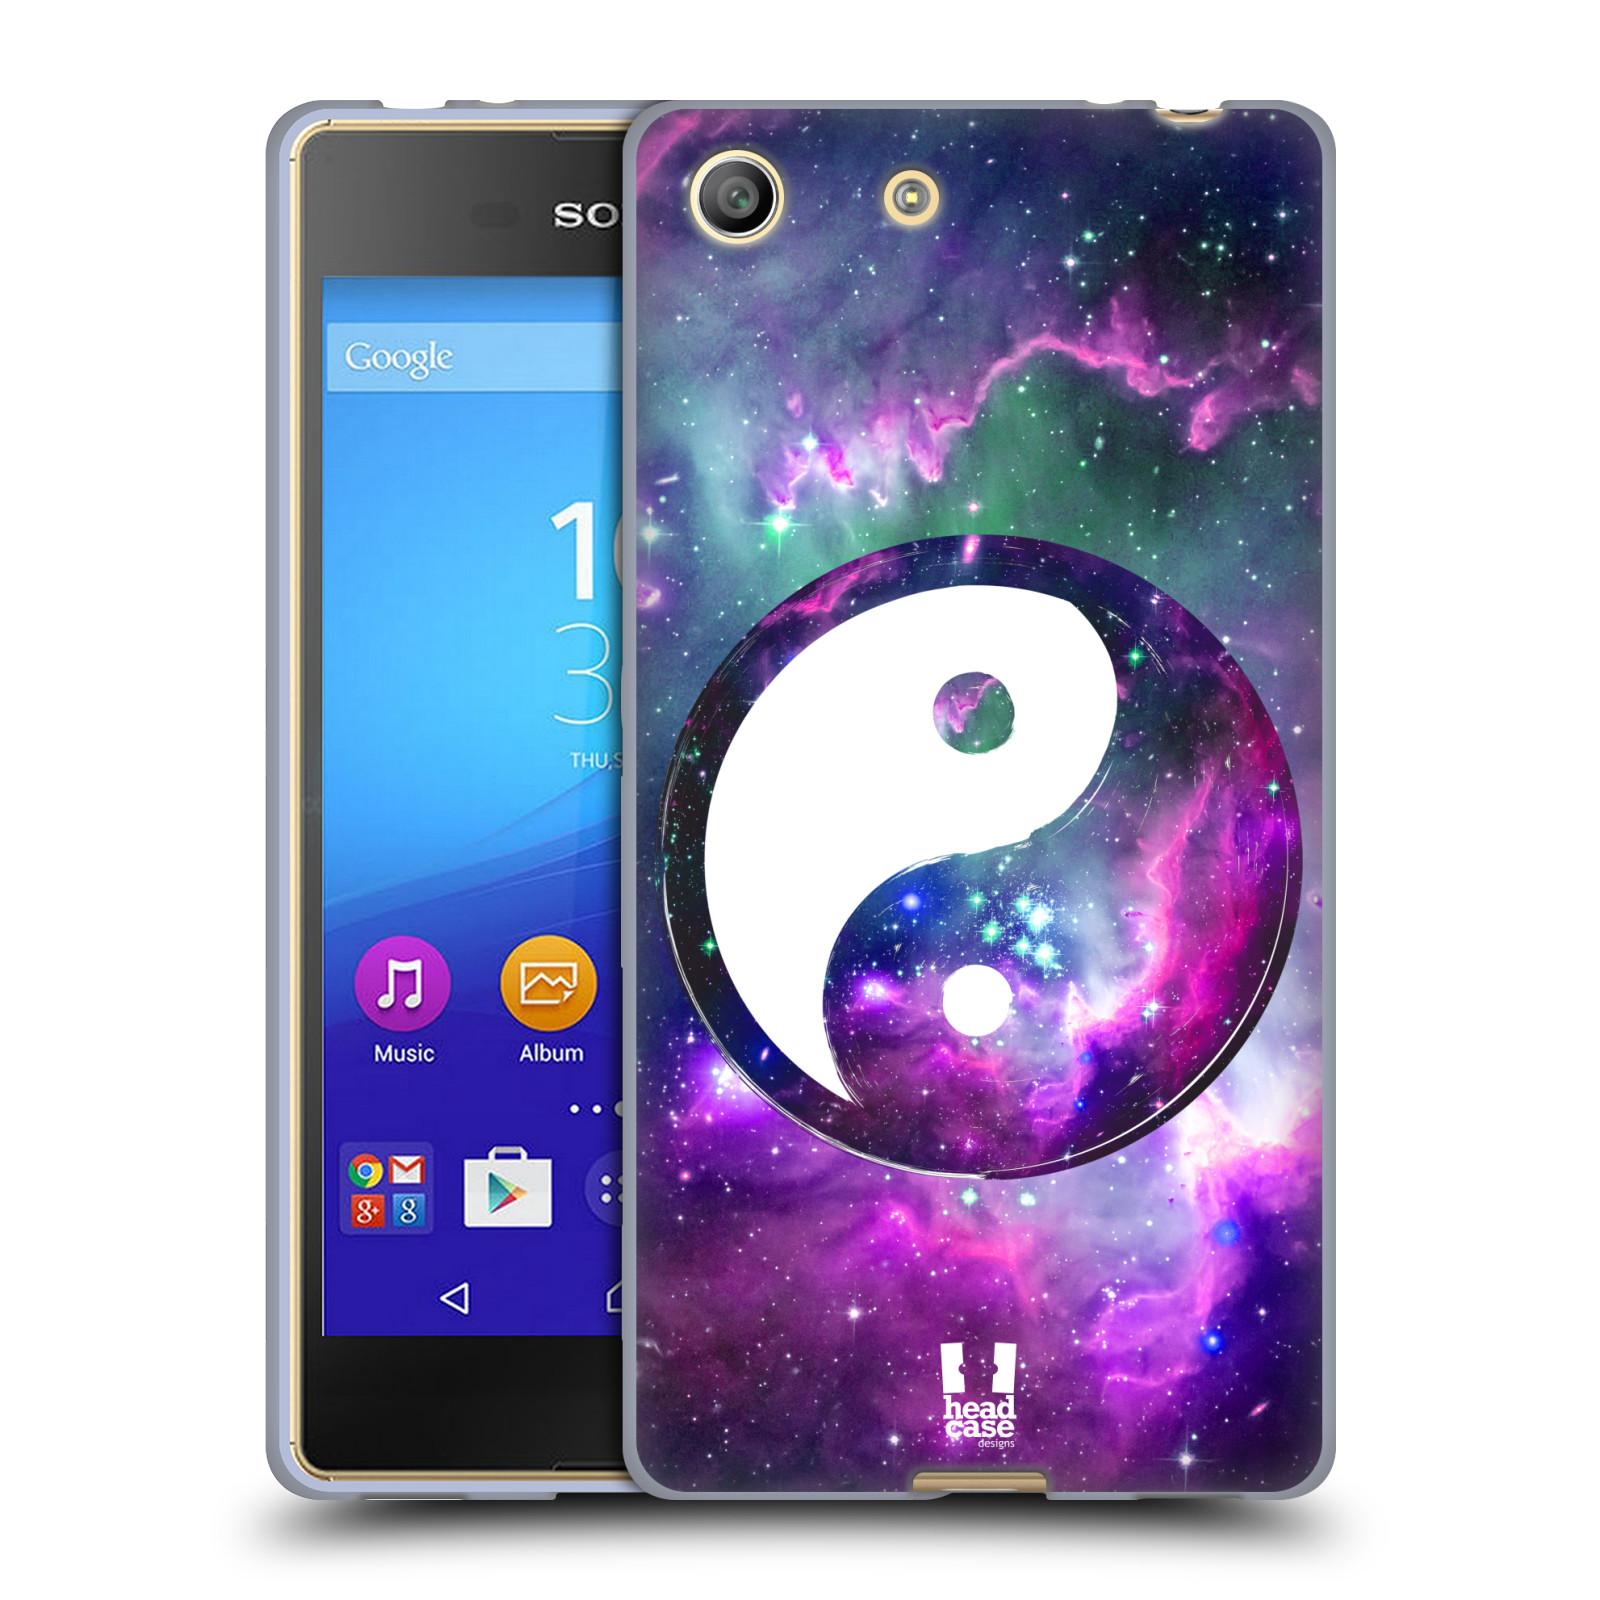 Silikonové pouzdro na mobil Sony Xperia M5 HEAD CASE YIn a Yang PURPLE (Silikonový kryt či obal na mobilní telefon Sony Xperia M5 Dual SIM / Aqua)